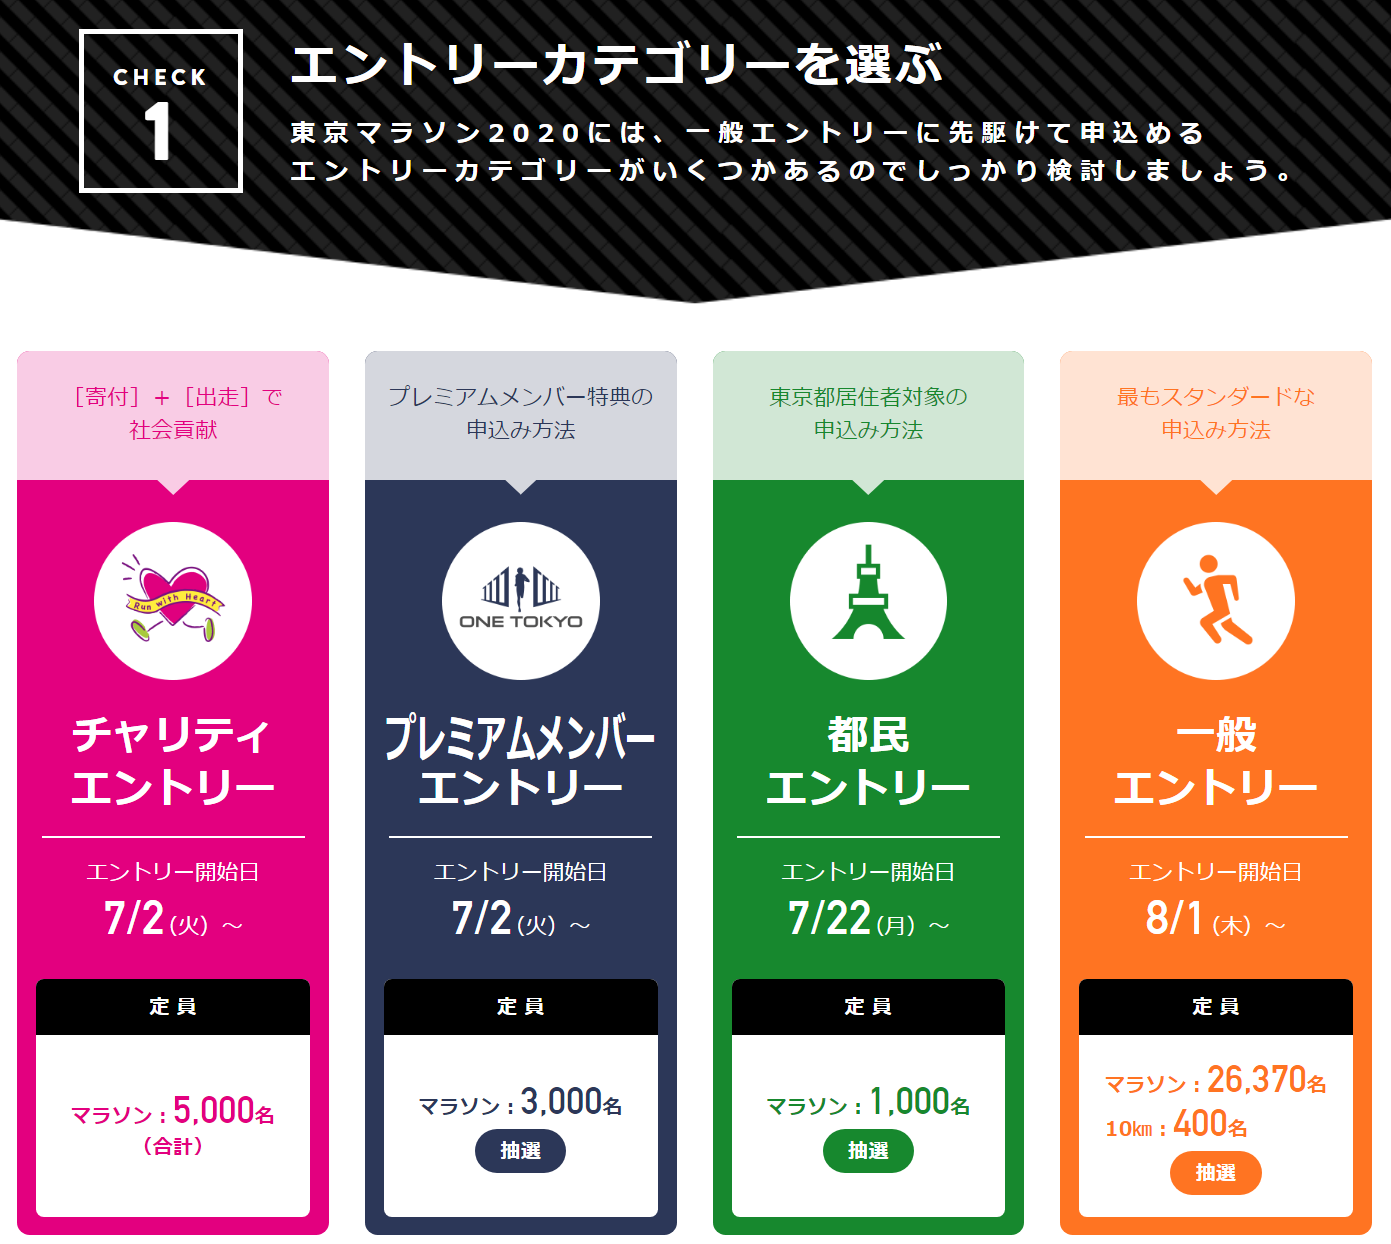 東京マラソン エントリースケジュール